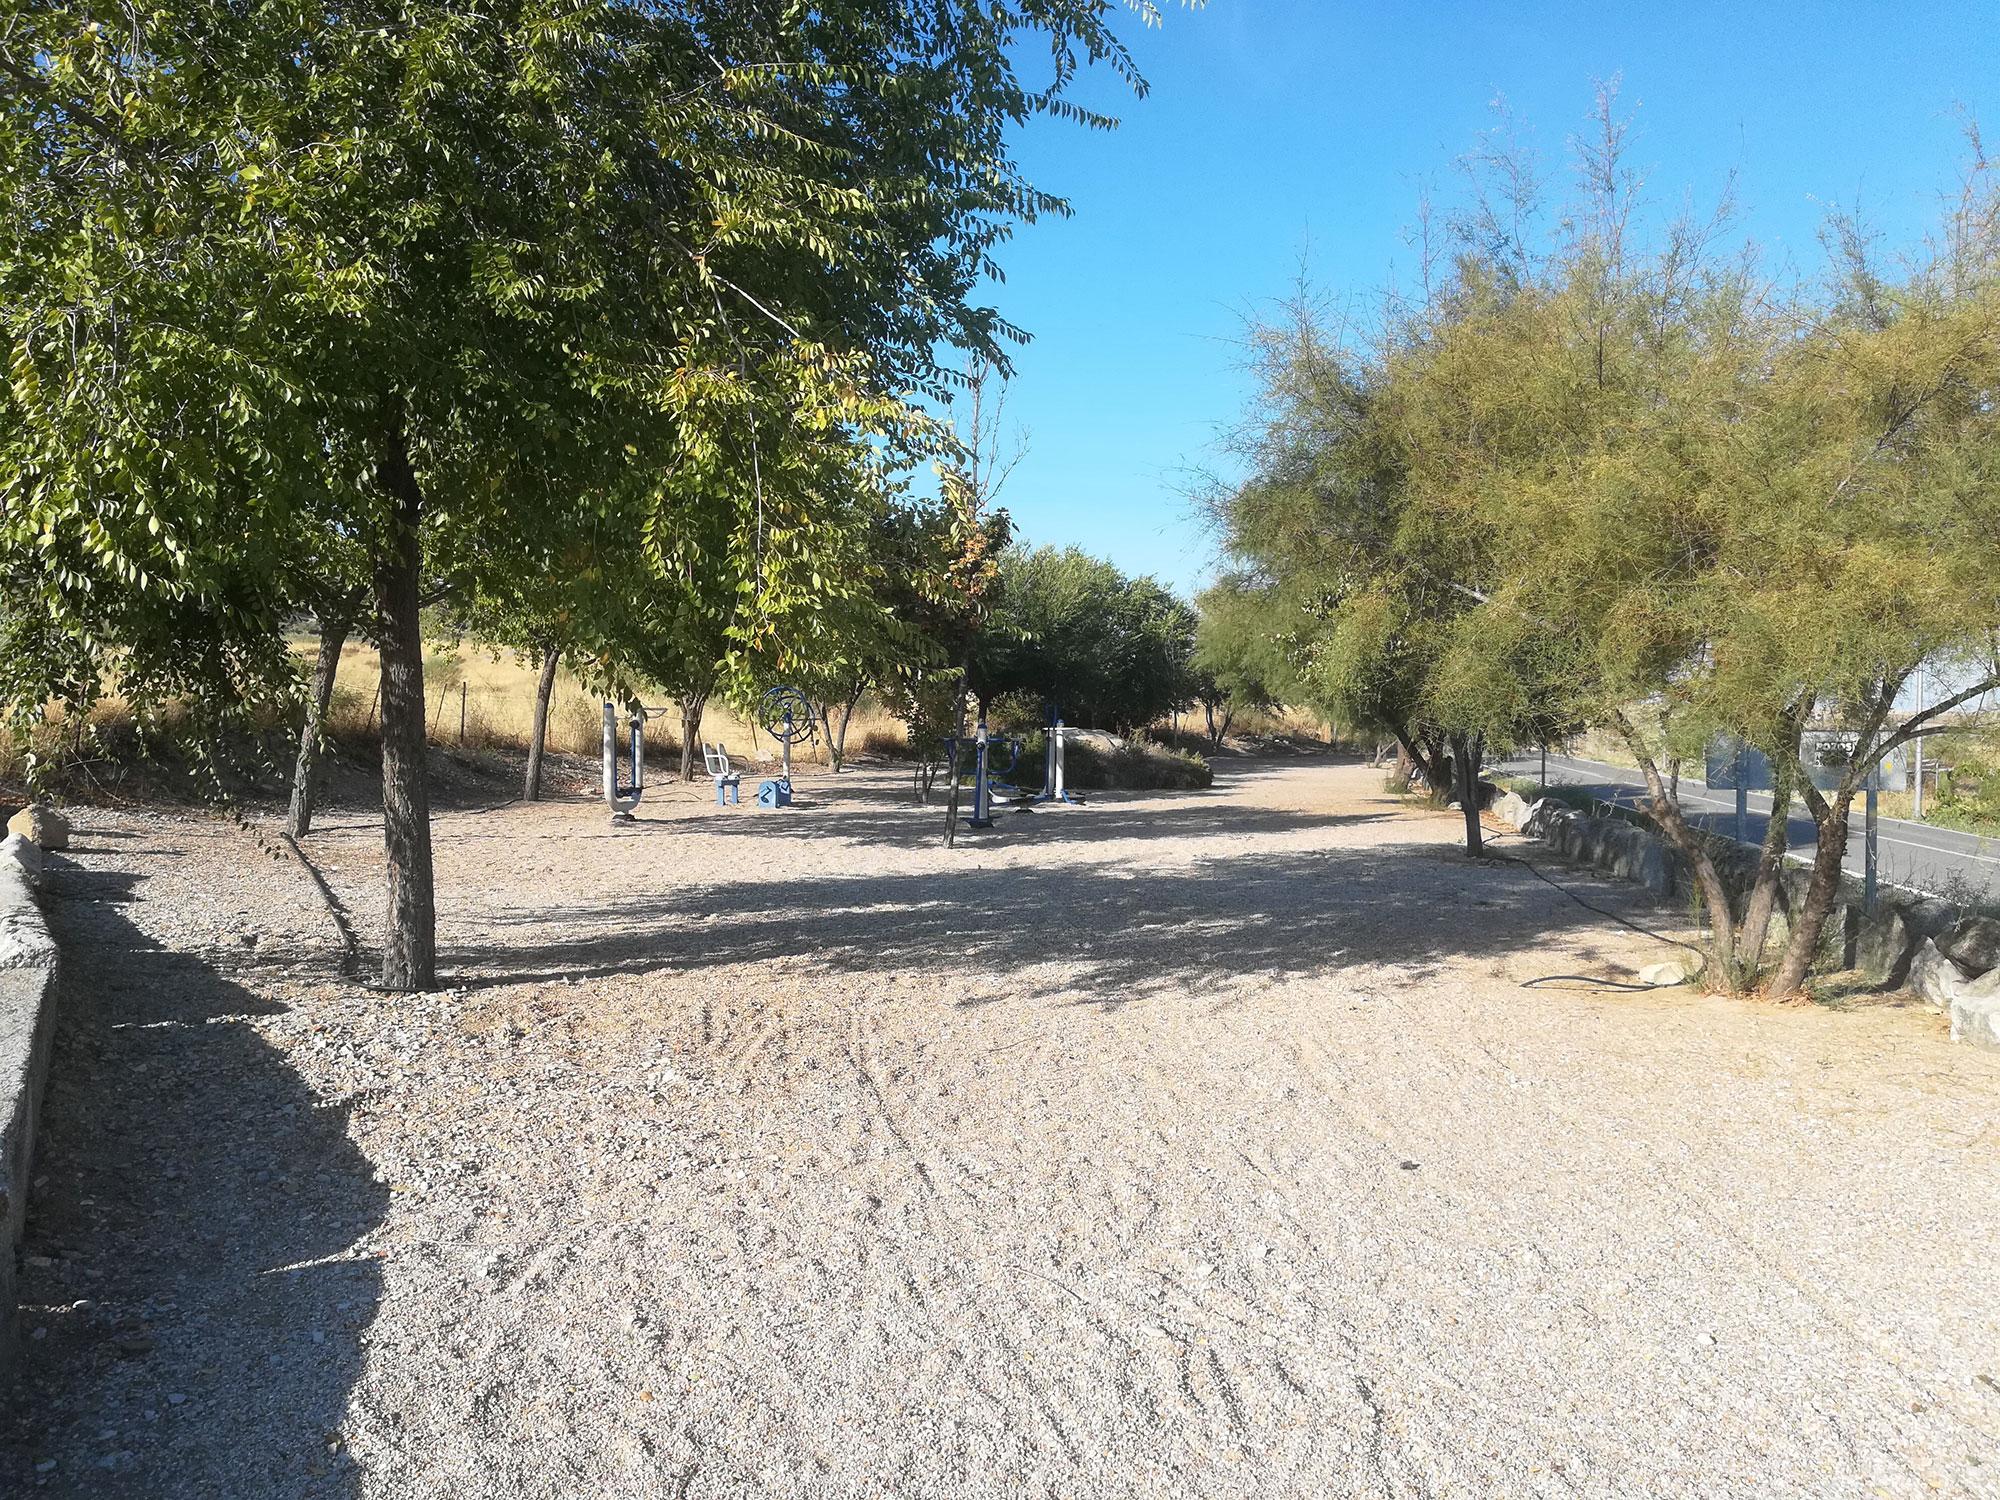 Área de Bienestar Social - Parque gimnasia - Ayuntamiento de Paredes de Escalona